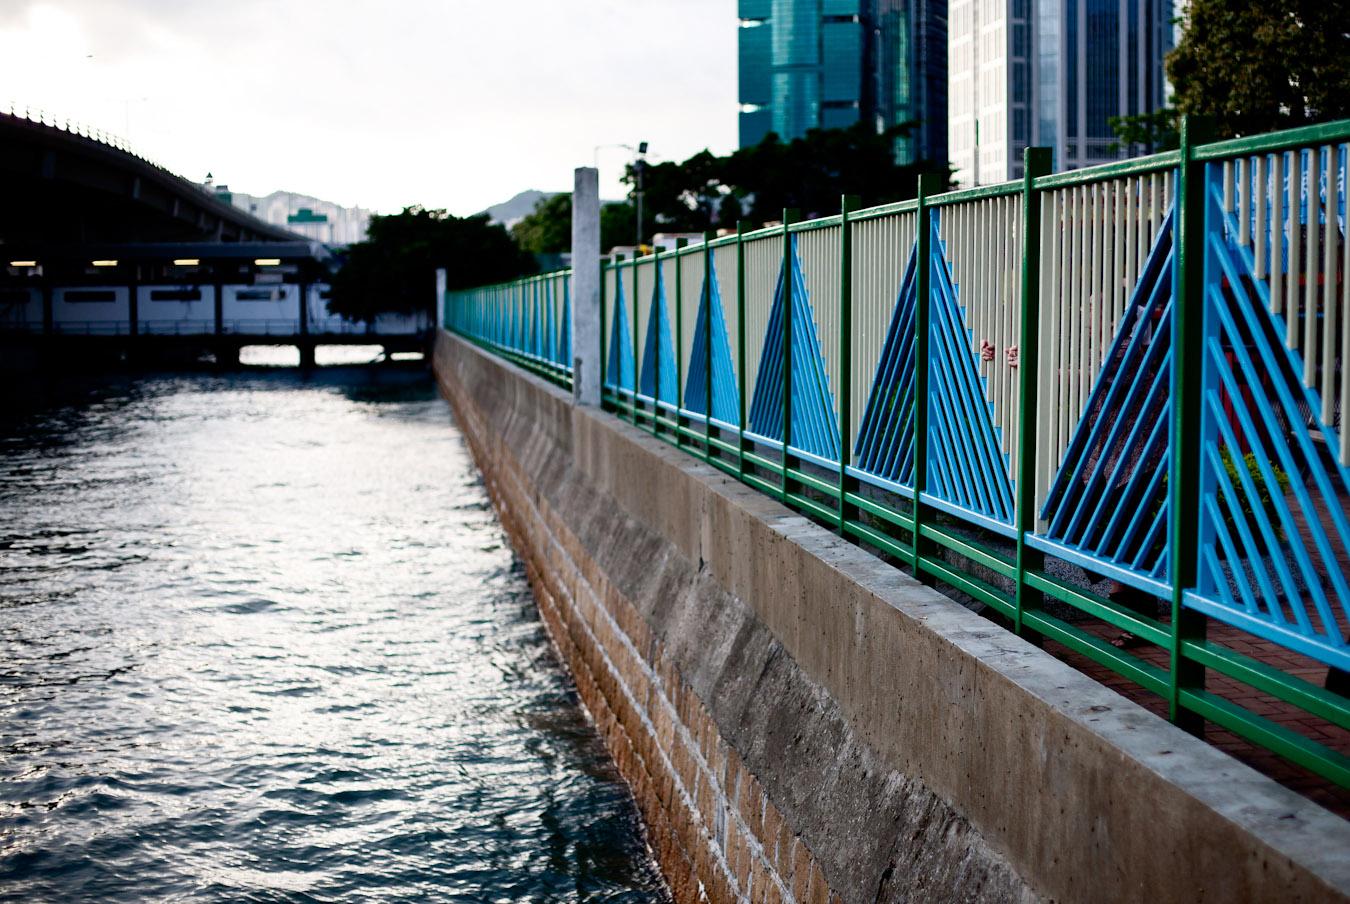 20110614_hongkong4_0387lw